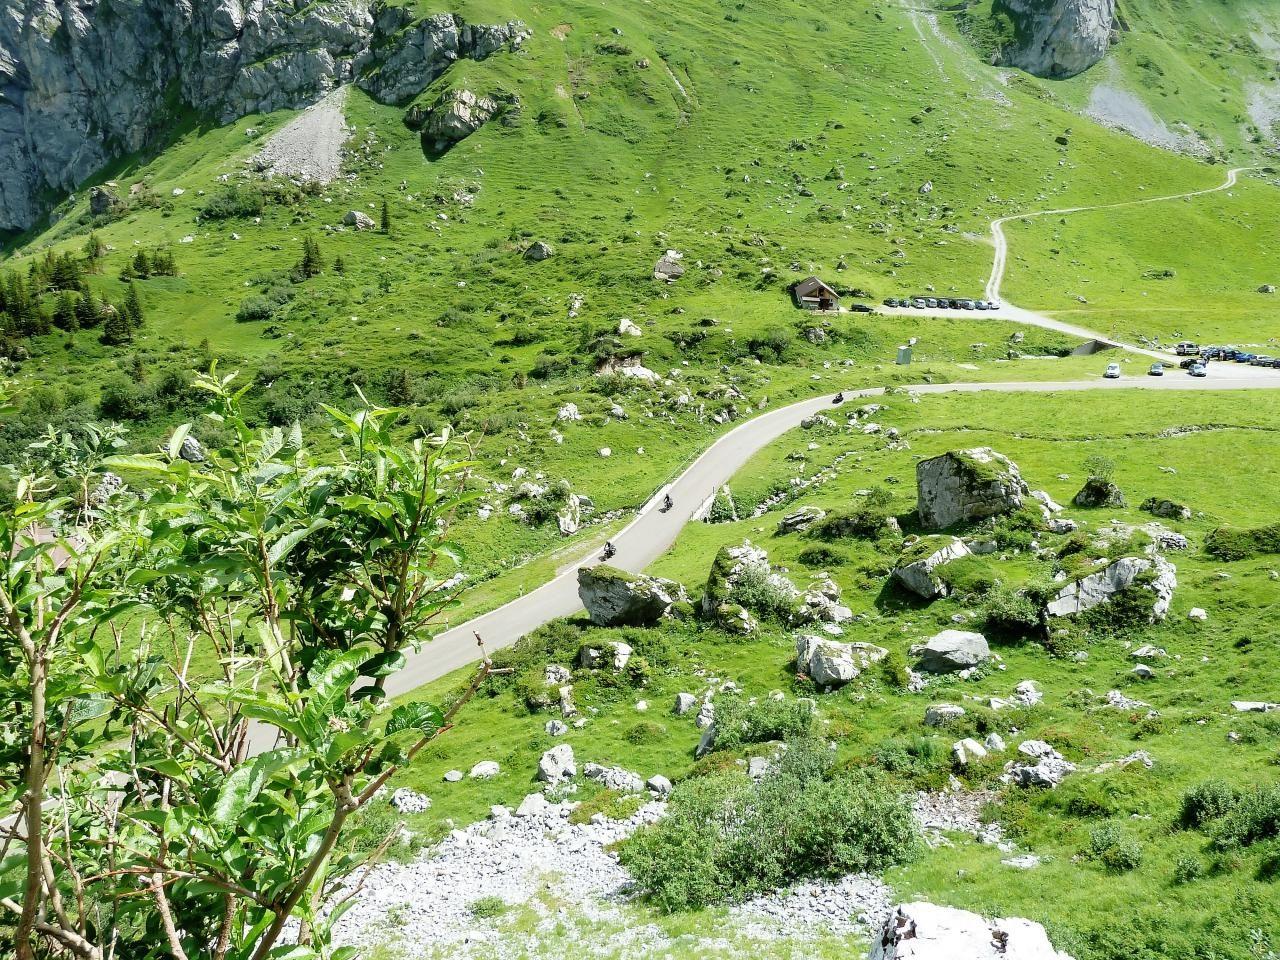 스위스 자동차 여행, 수스텐 패스(Susten PASS)에서 도로 풍경 써니 산, switzerland, Image - xuuxuu